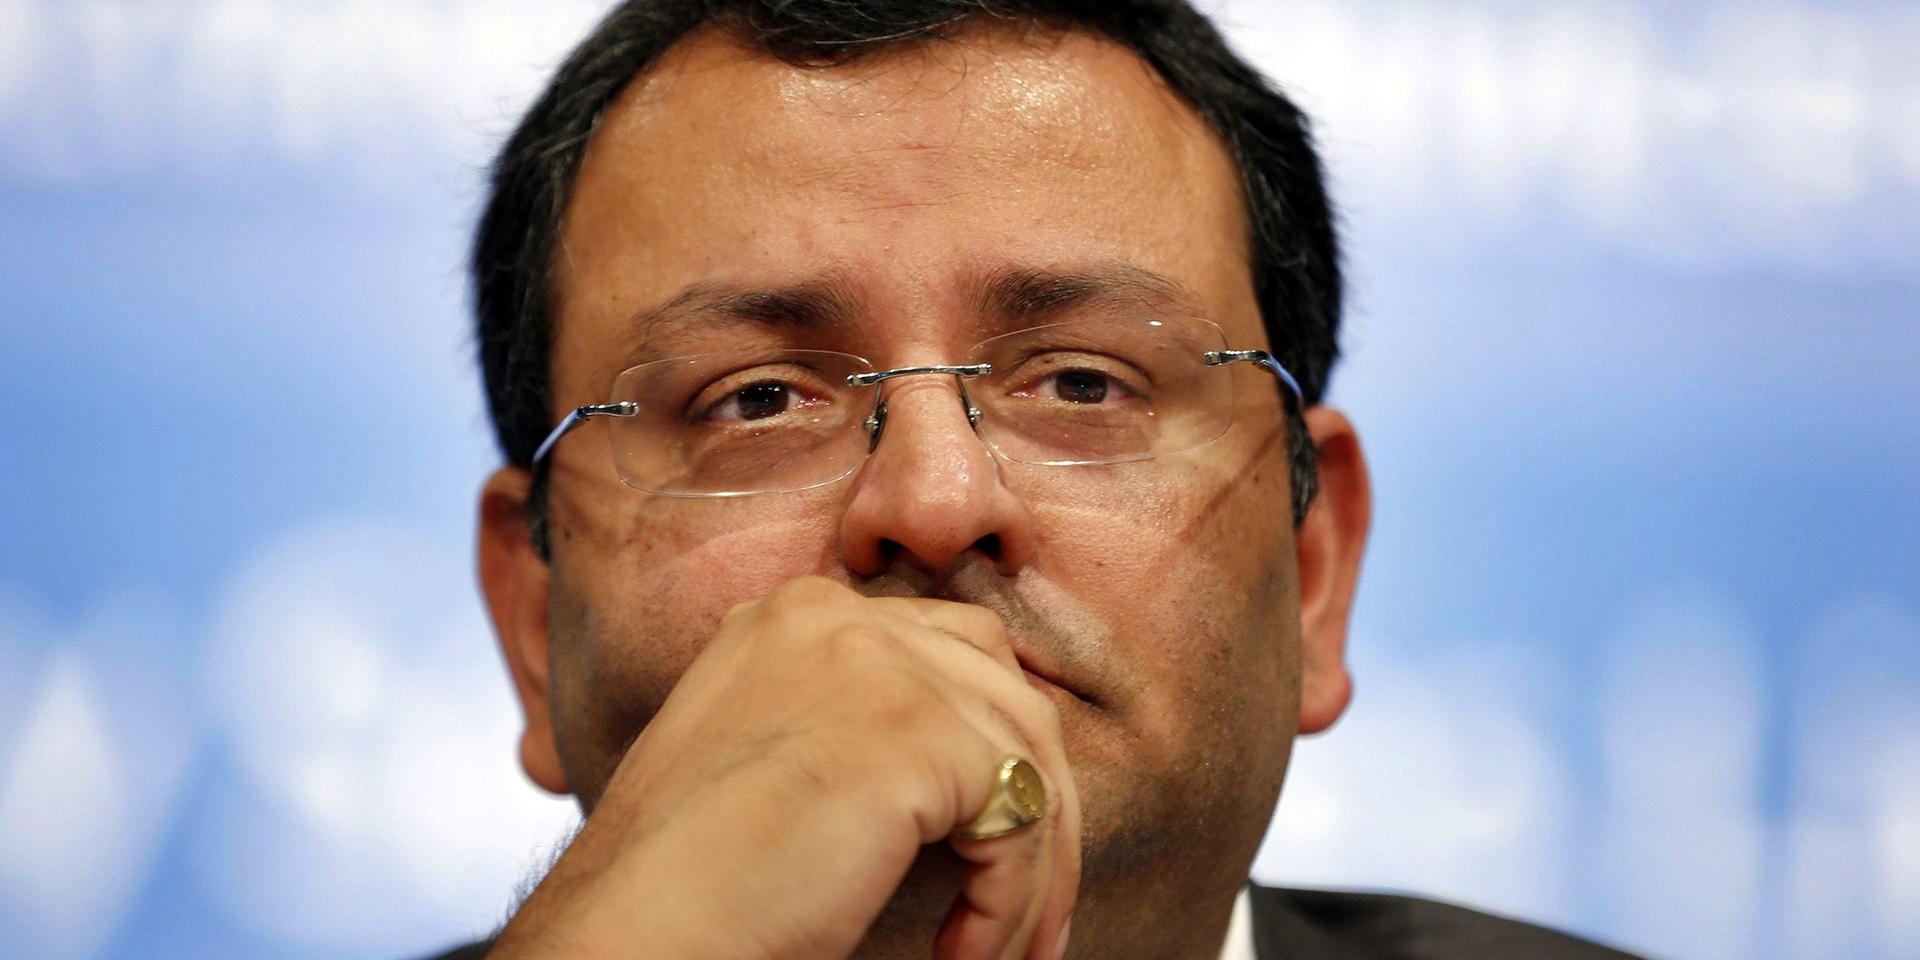 Les actions du groupe indien Tata décrochent après l'éviction de son PDG